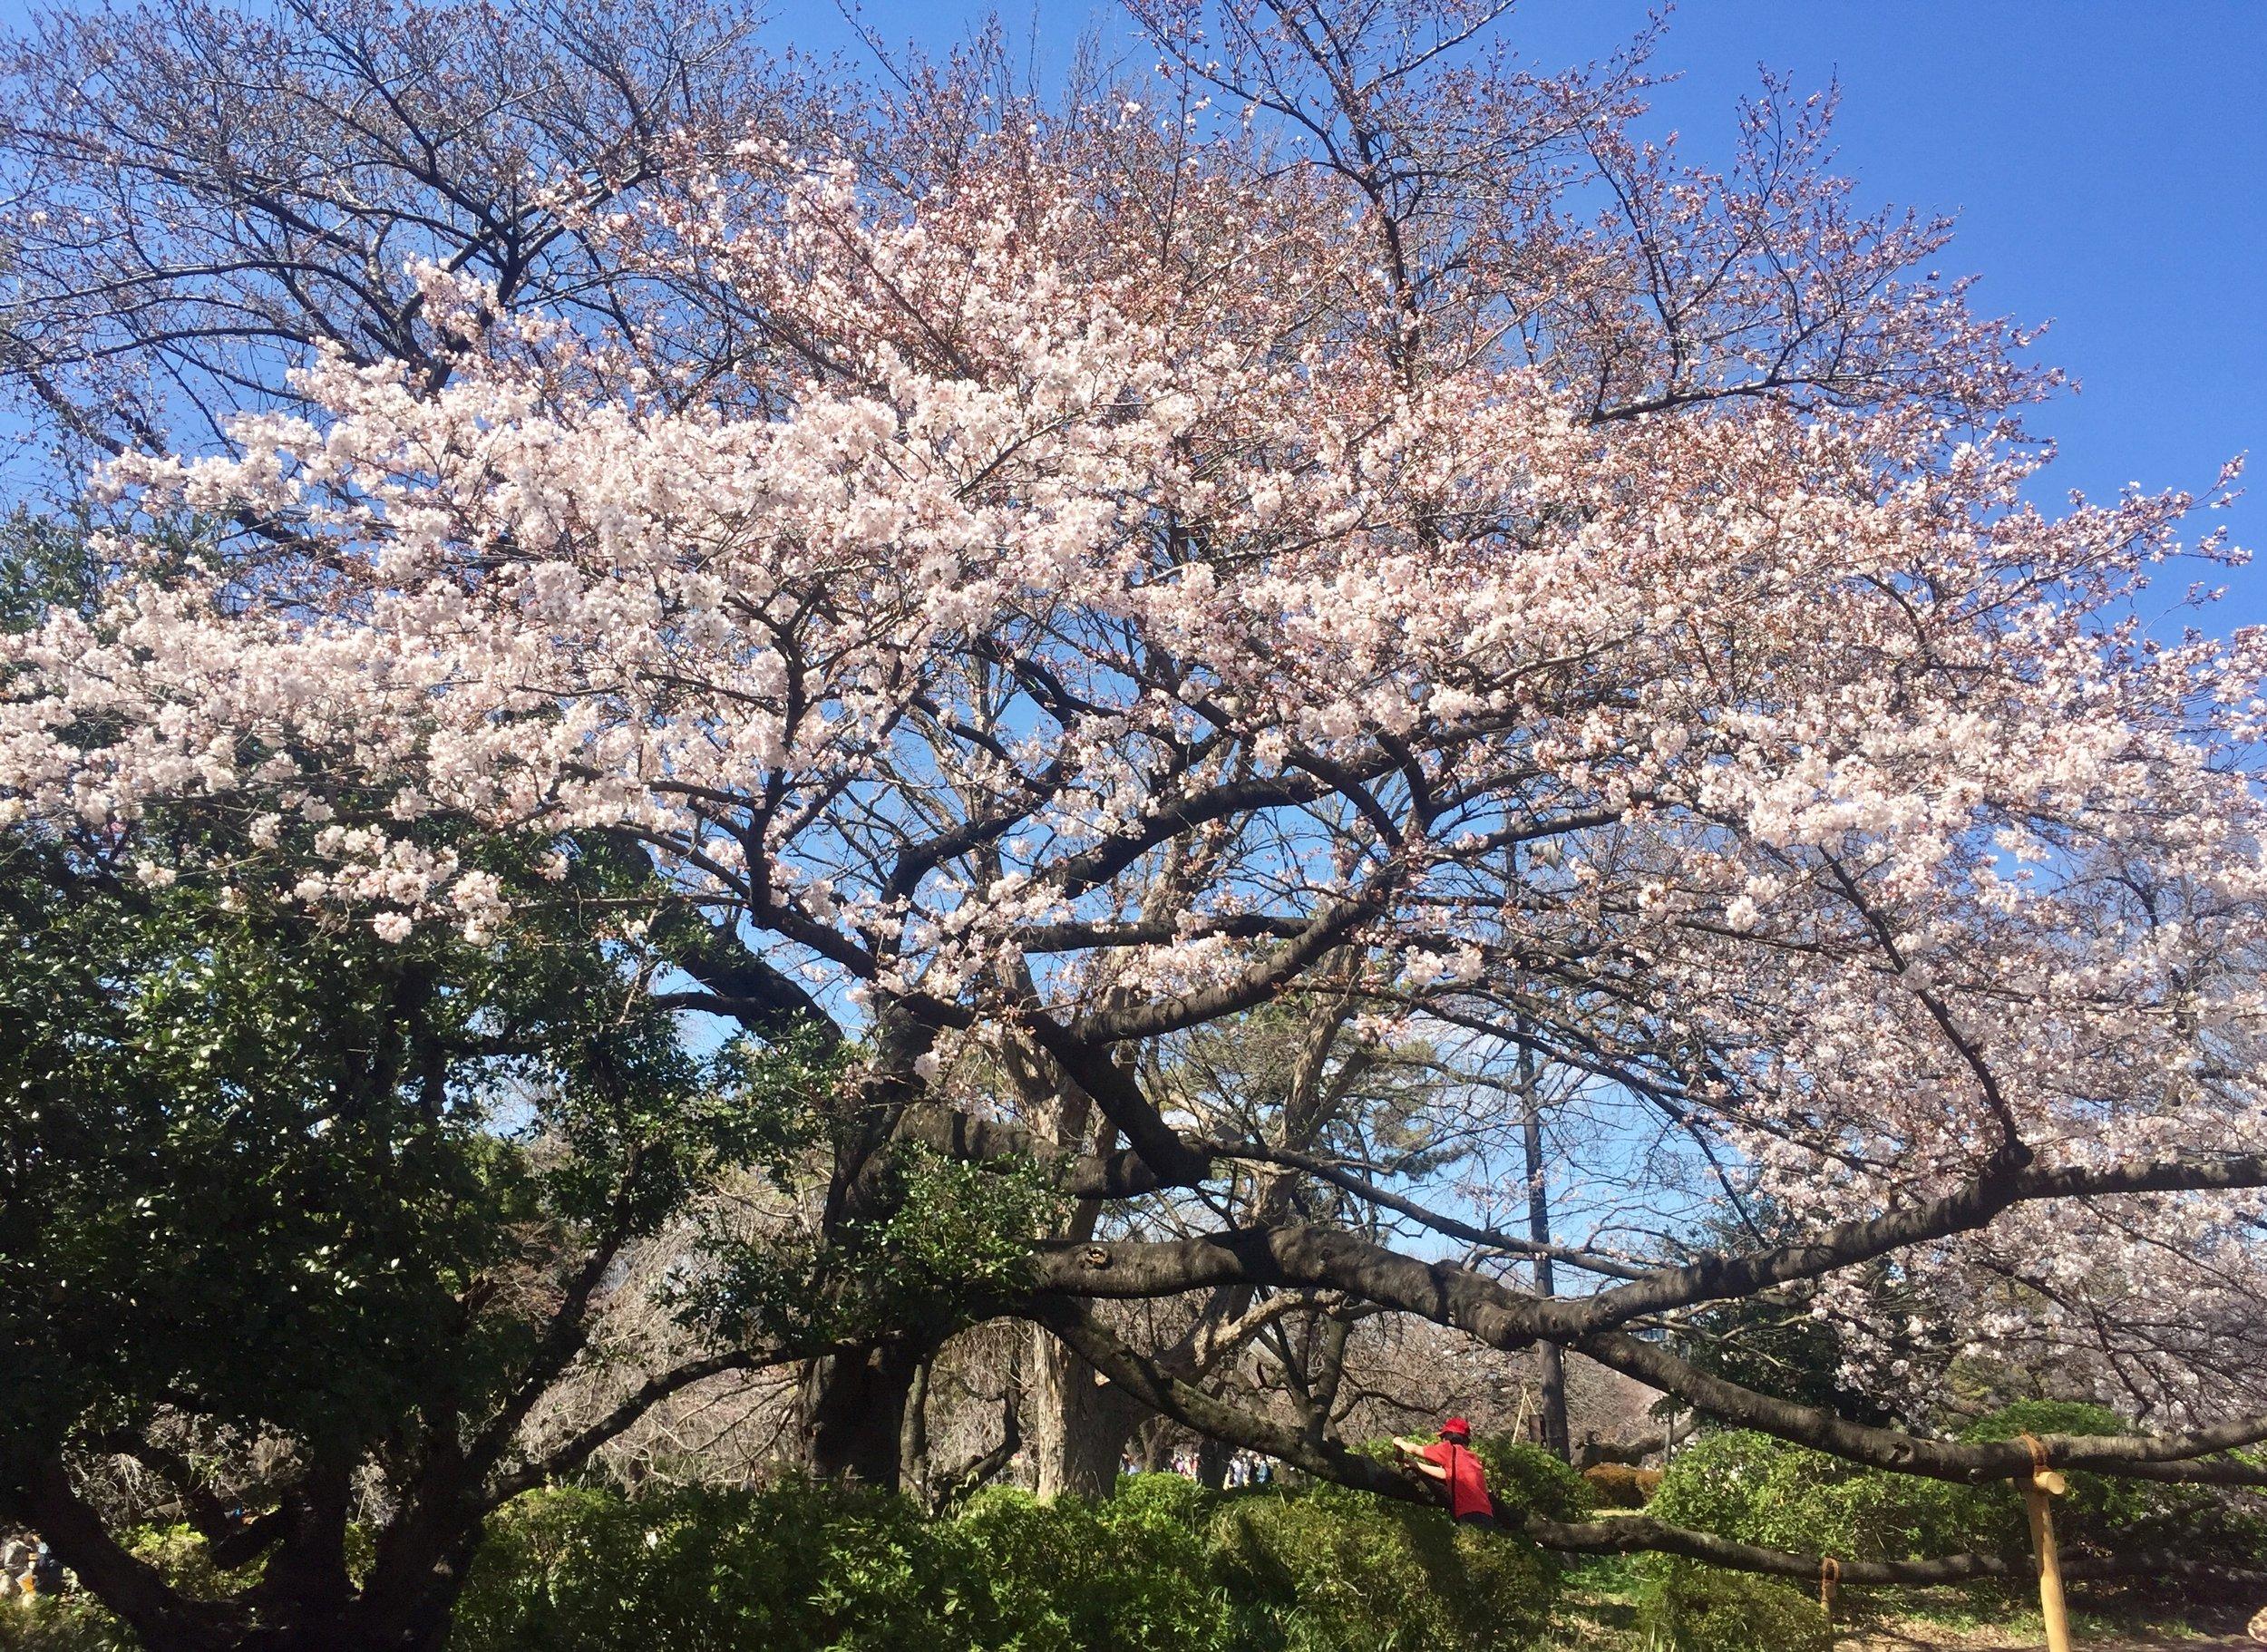 shinjuku tokyo amazing cherry blossoms.jpg